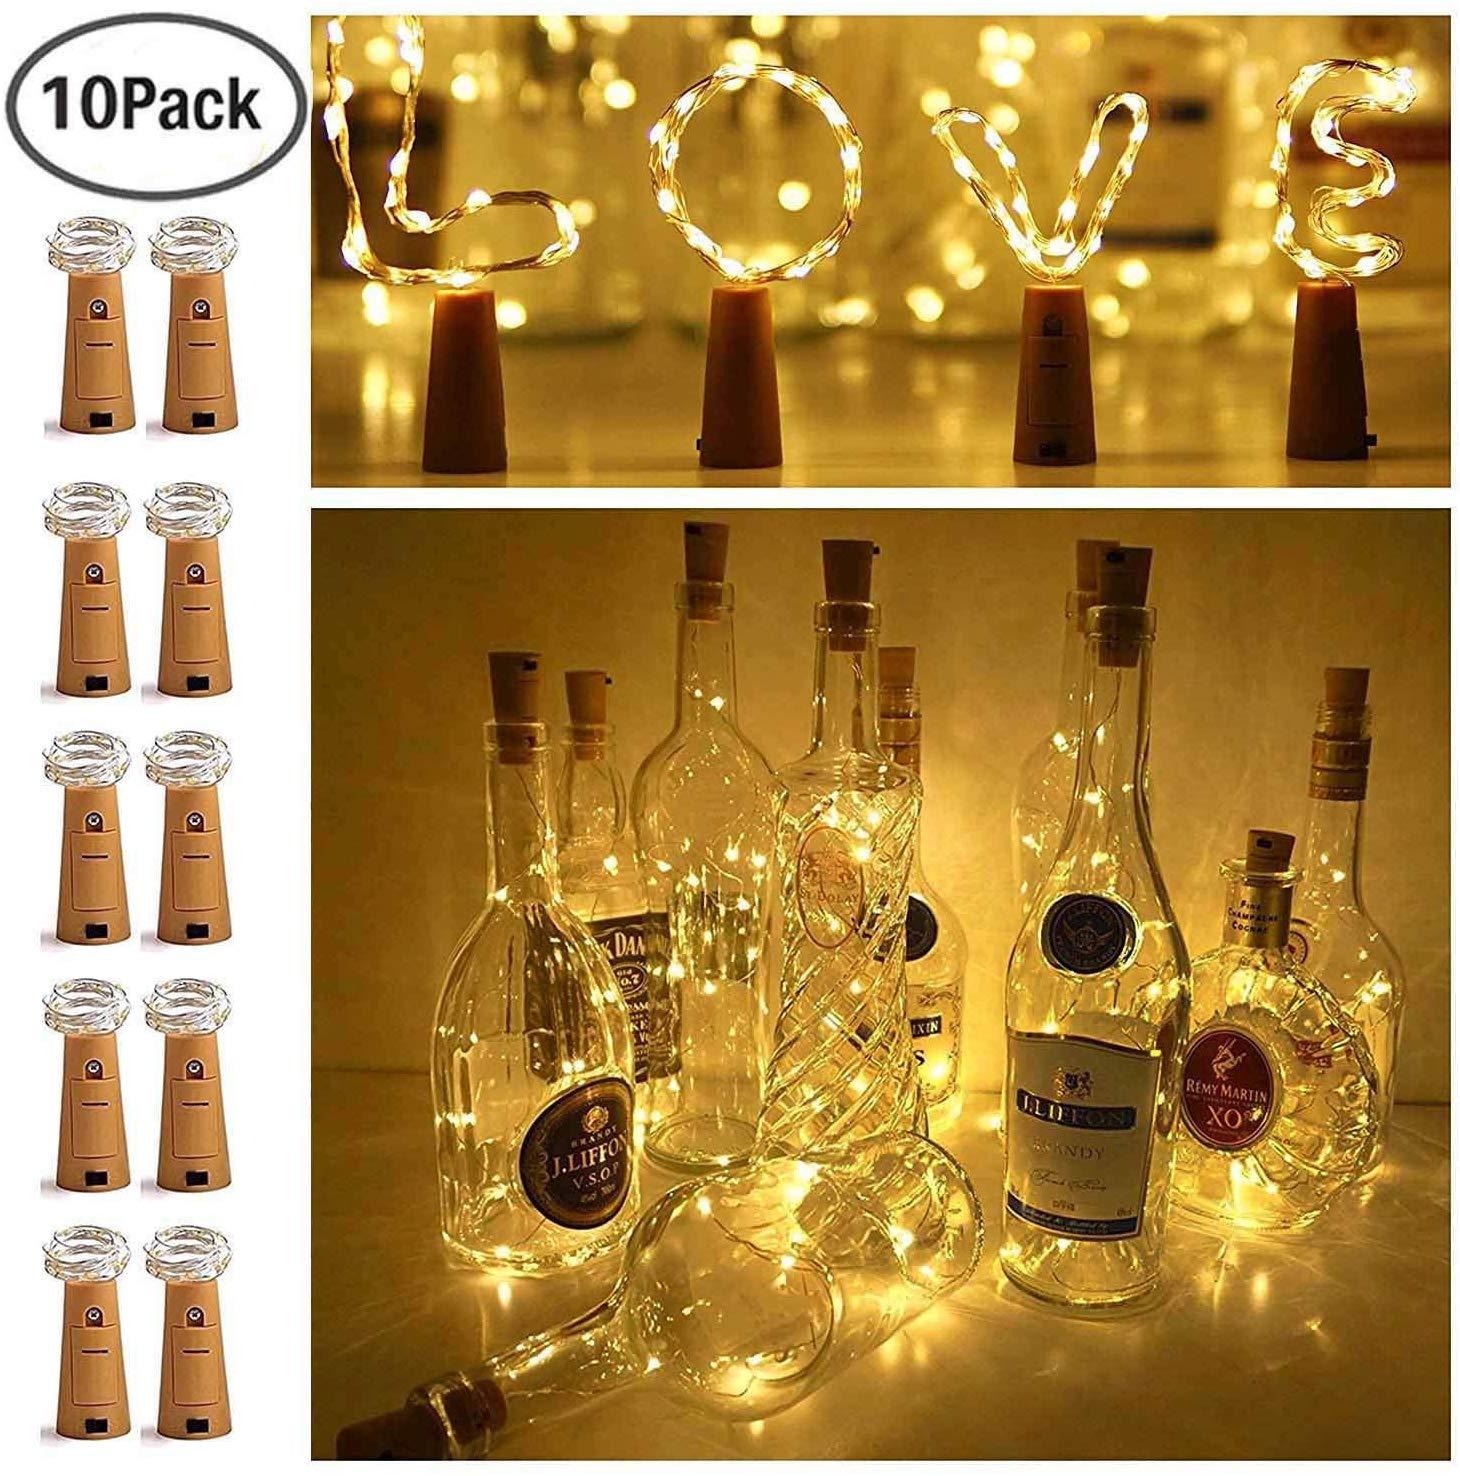 Wine bottle stopper lights